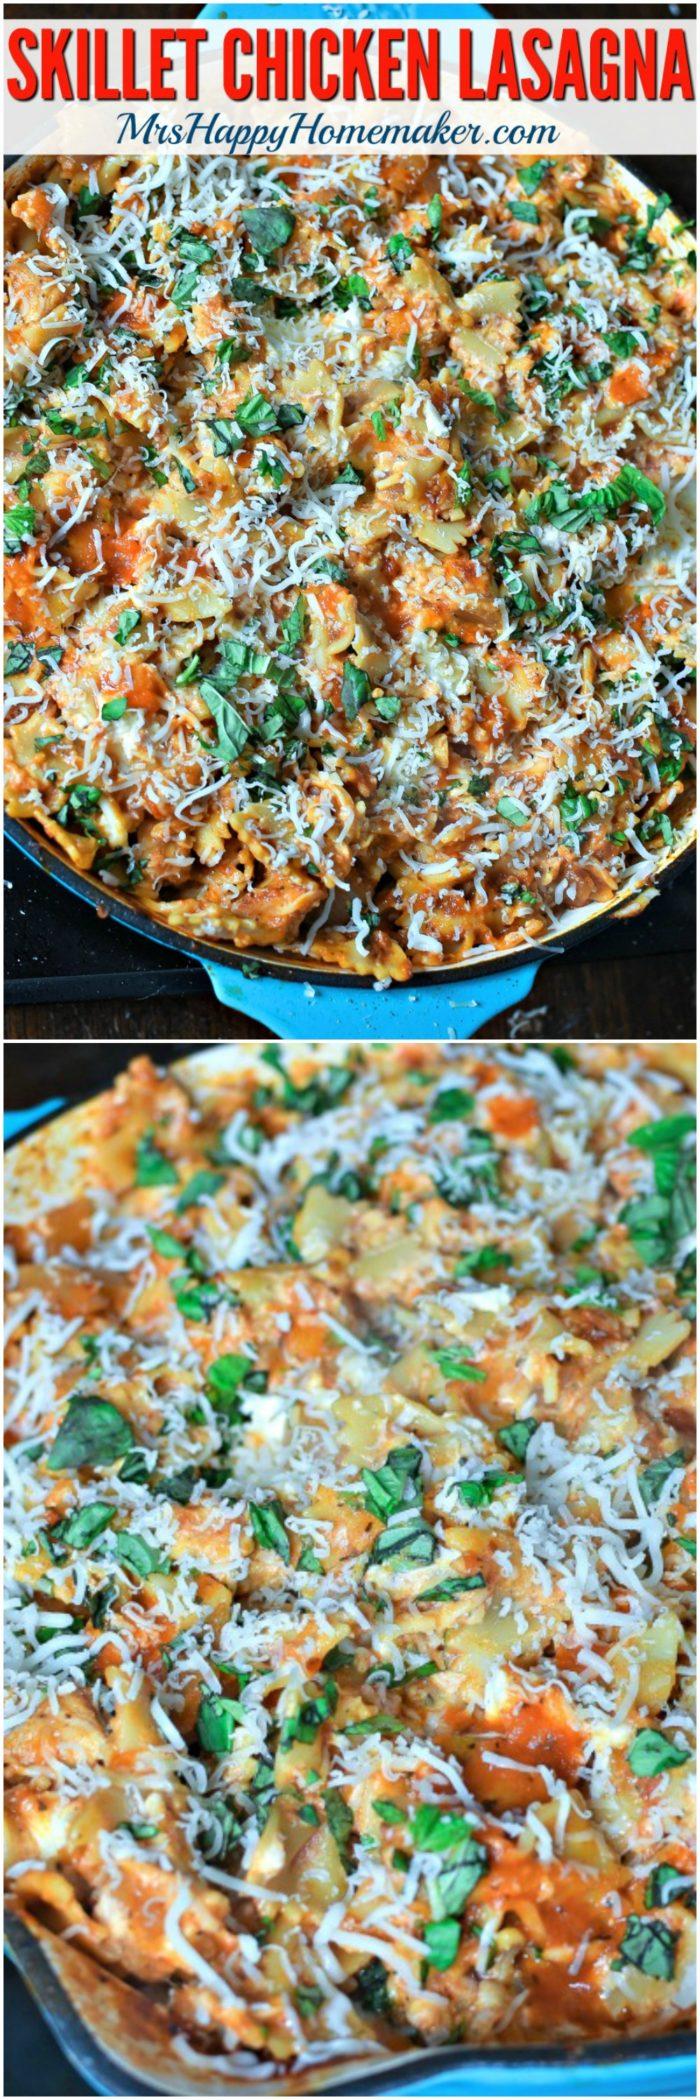 Skillet Chicken Lasagna | MrsHappyHomemaker.com @MrsHappyHomemaker